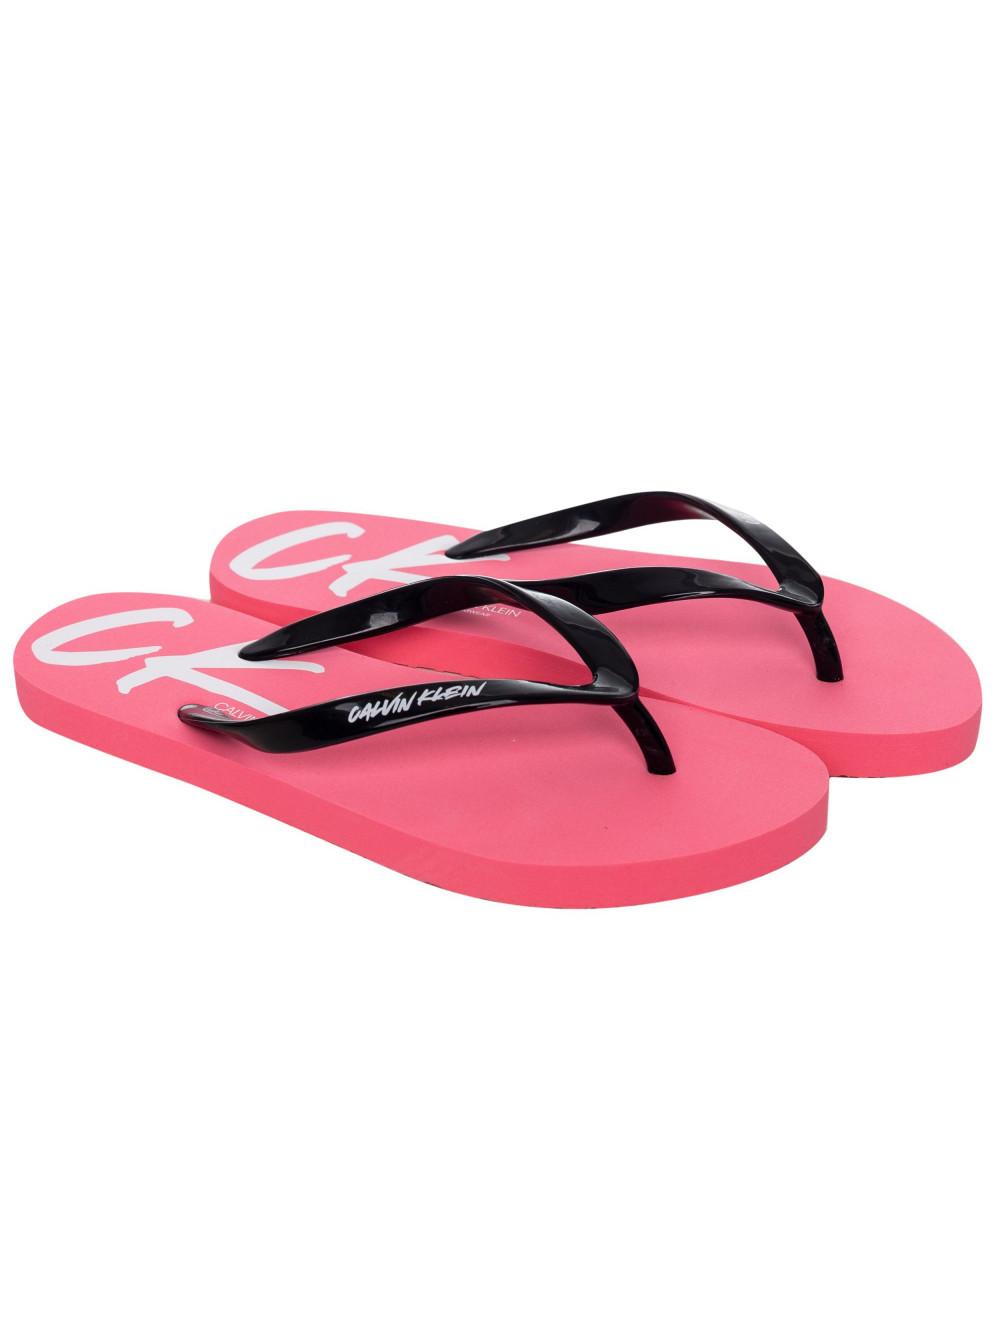 Damen Flip-Flops Calvin Klein Wave Rosa-Schwarz